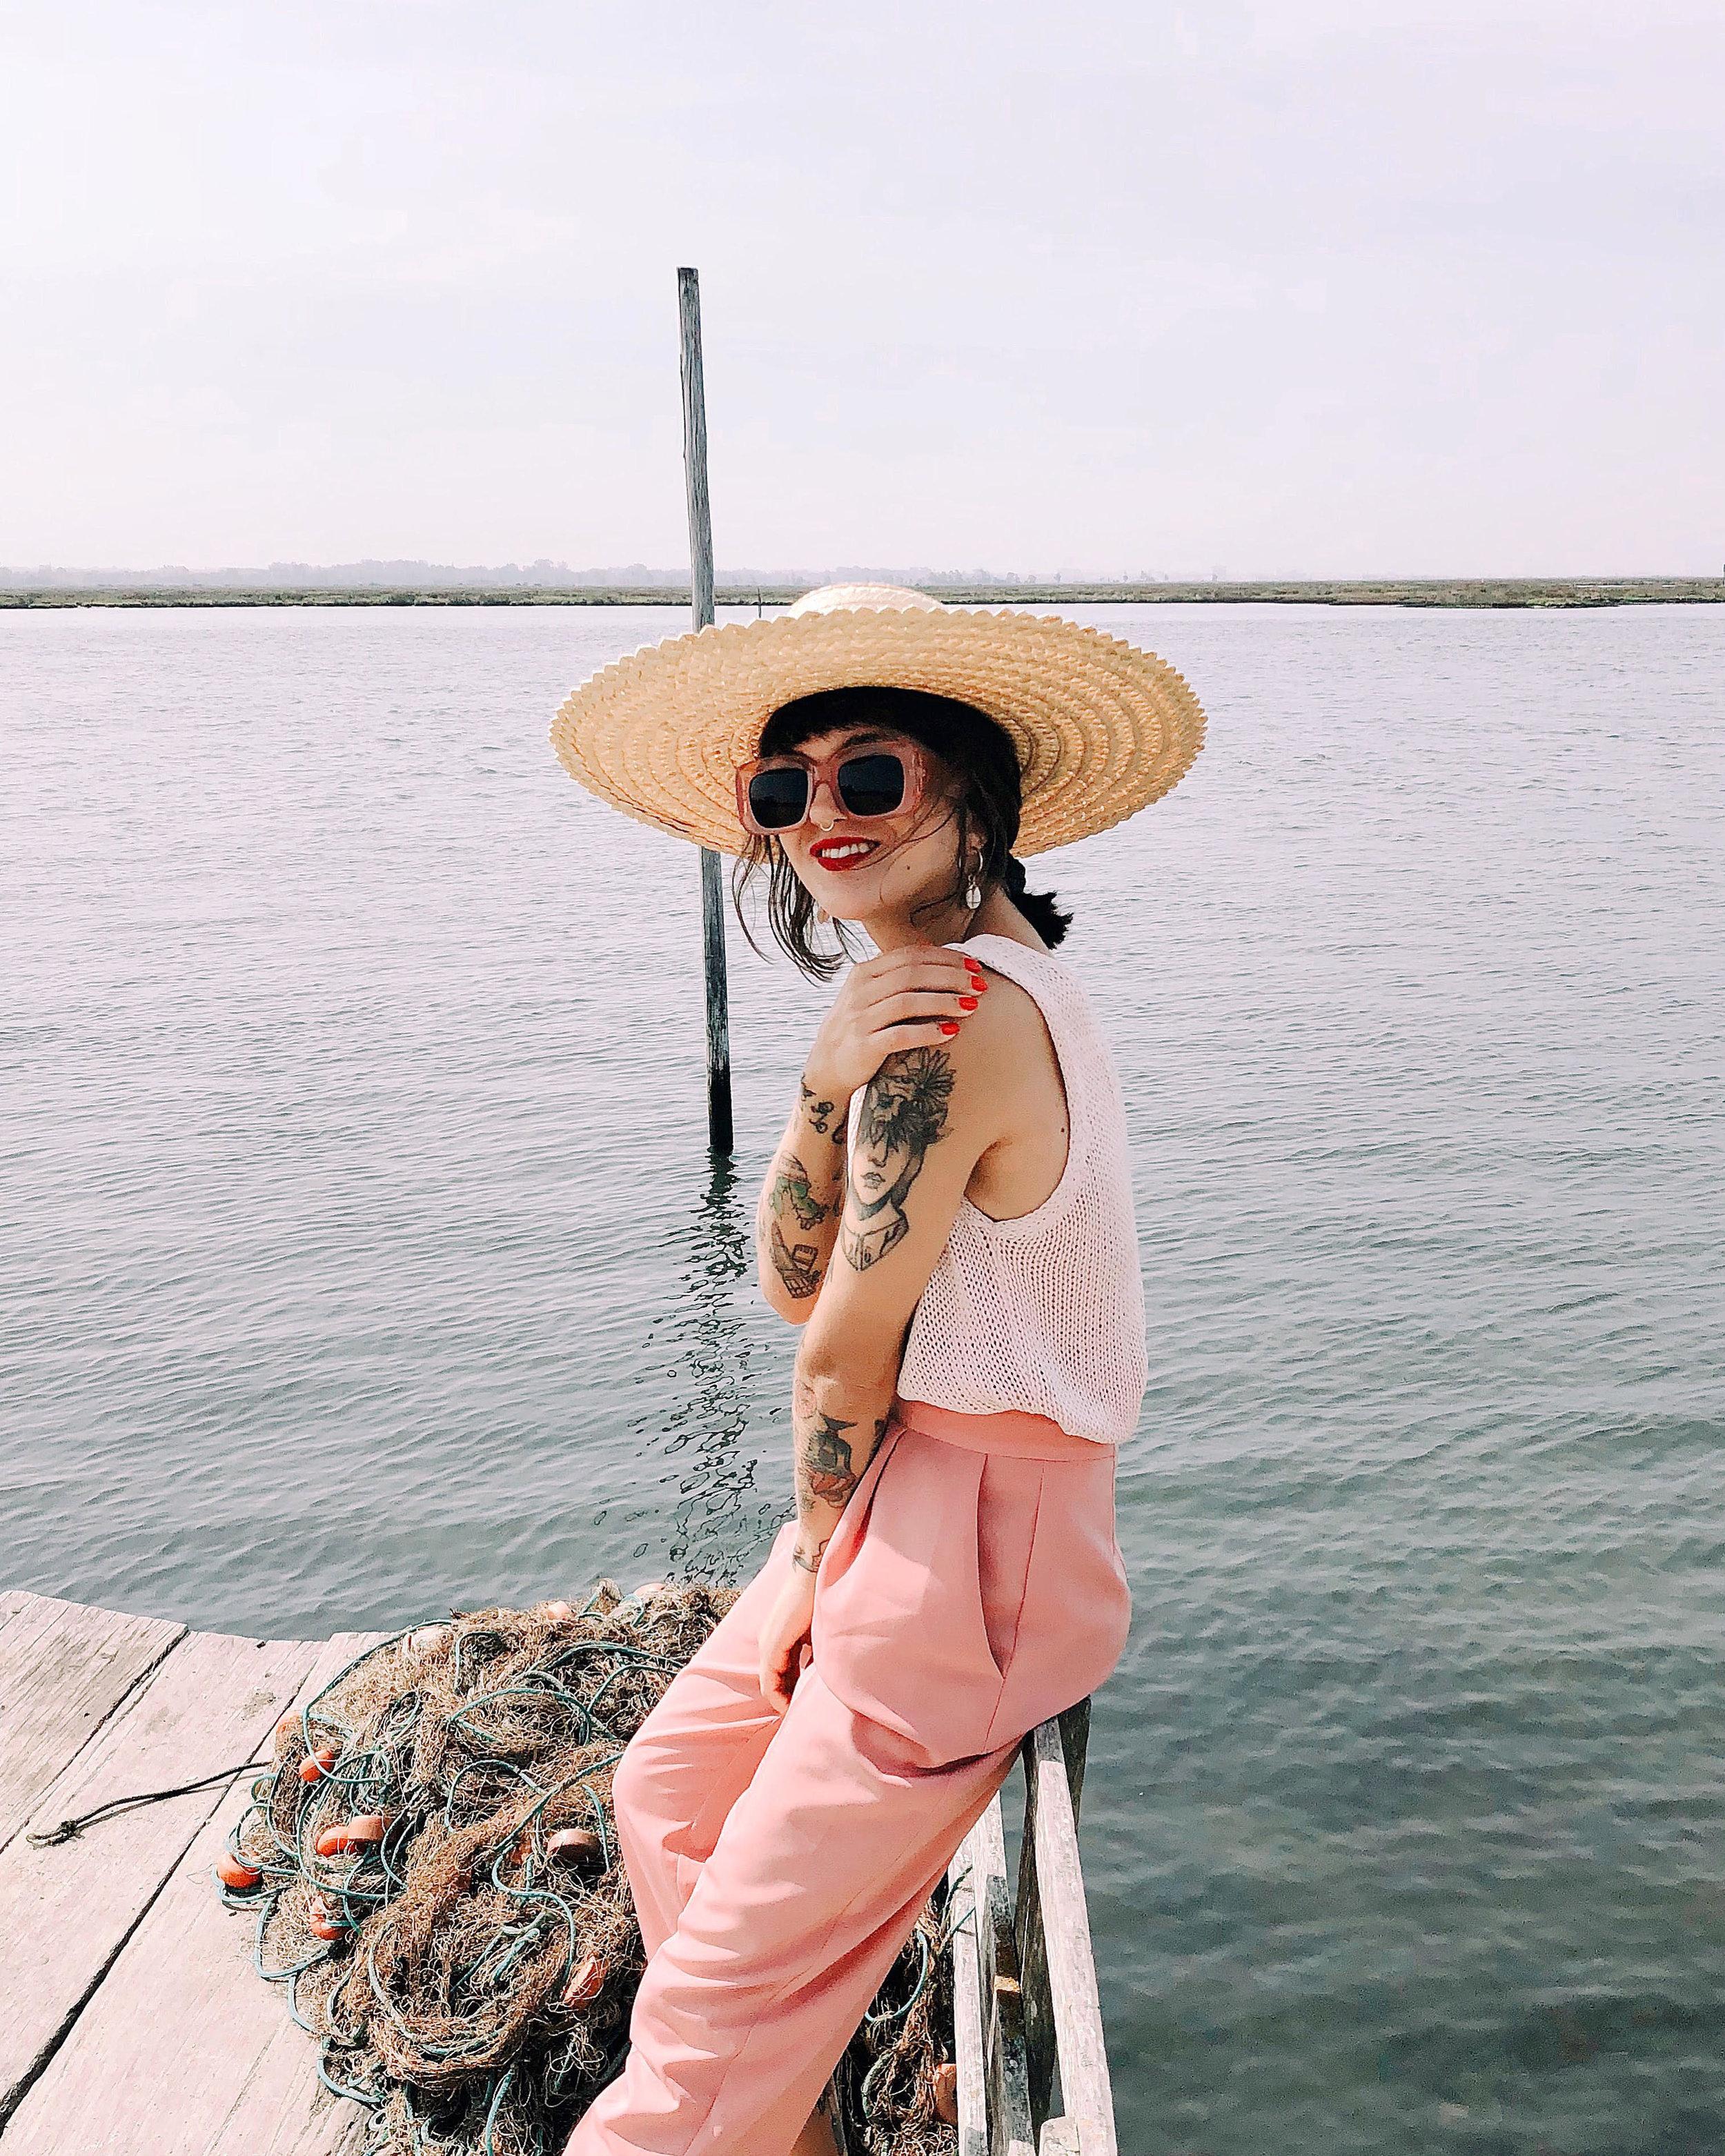 @peggyheart - Vanessa Rosa tiene 28 años, es estilista y creadora de contenido en Aveiro, Portugal. Todos sus looks nos llenan de energía y buen rollo. Siempre a todo color.